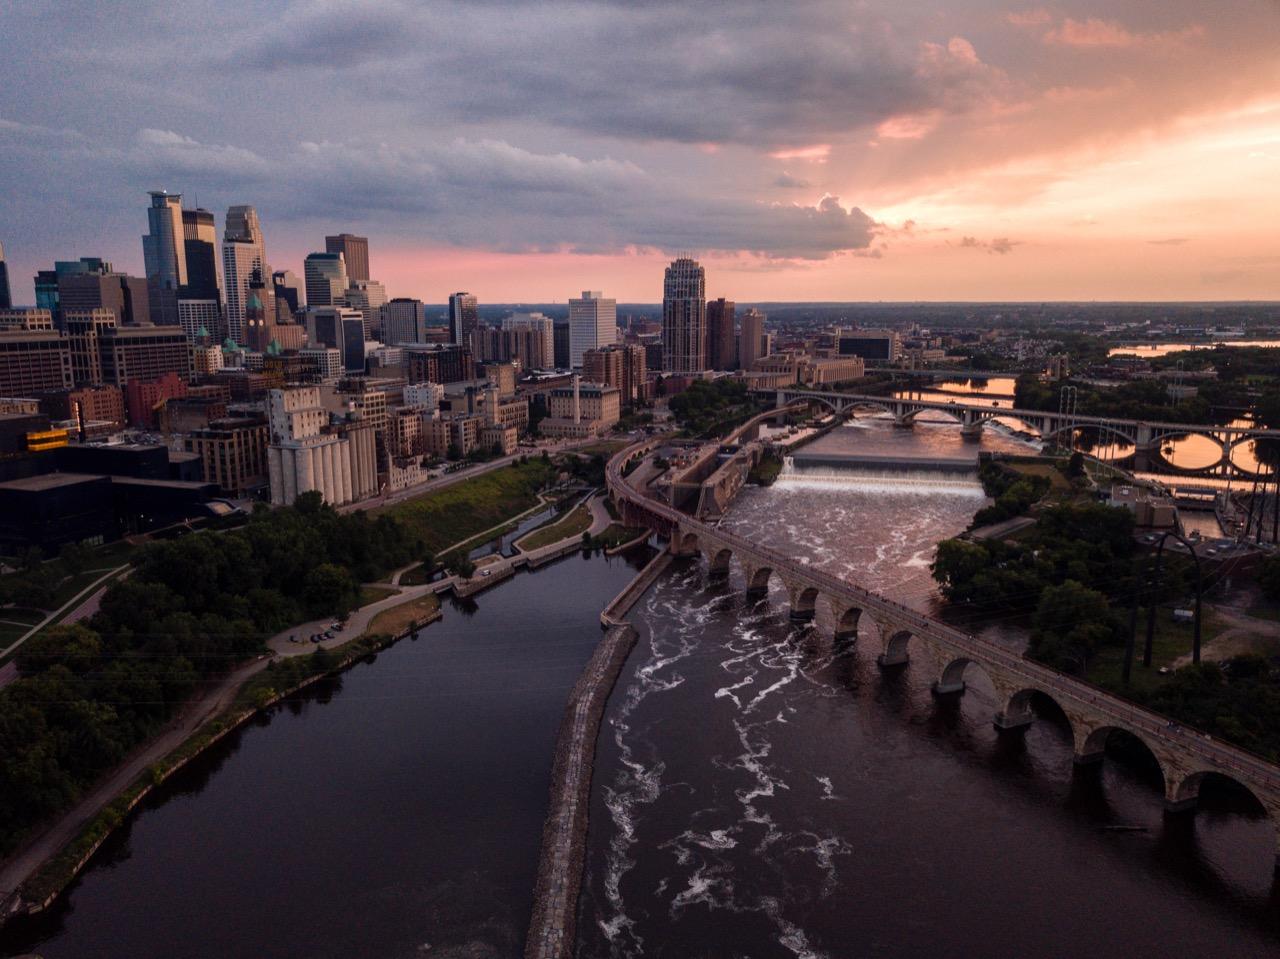 Above Minnesota